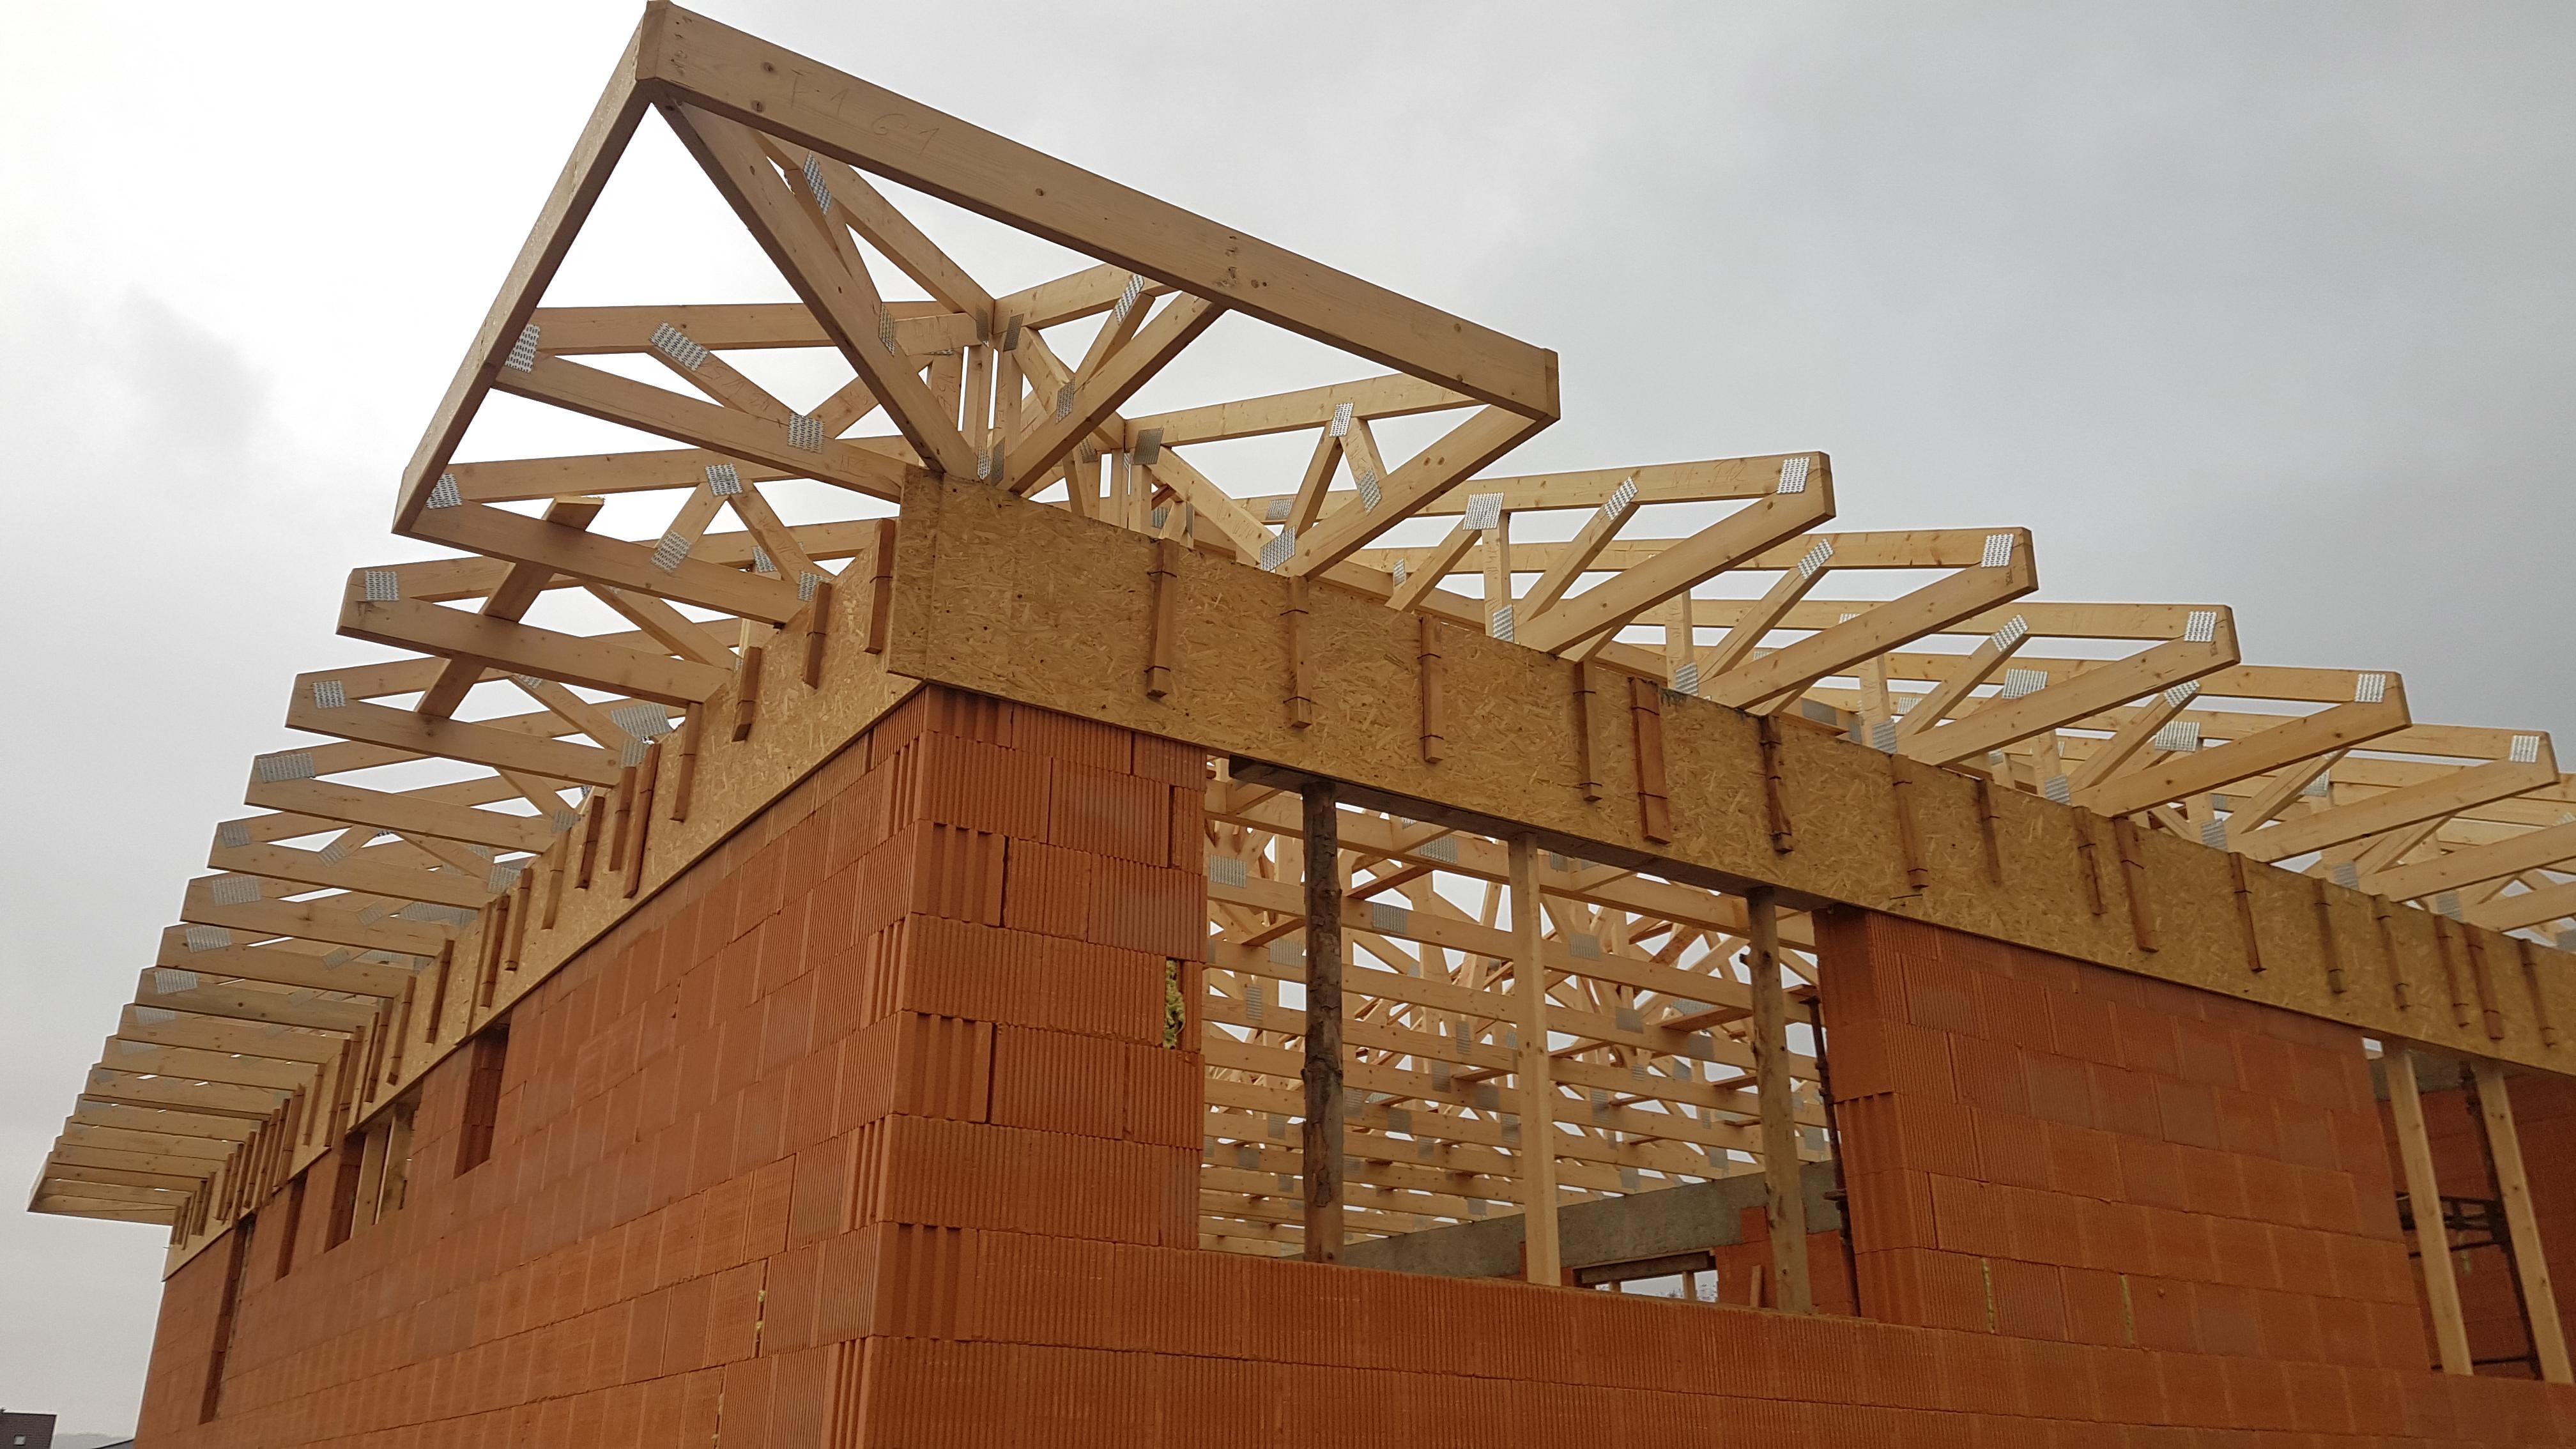 zipov1-krovy-strechy-vazniky-priehradove-vyroba-hydraulicka-ruka-06.jpg